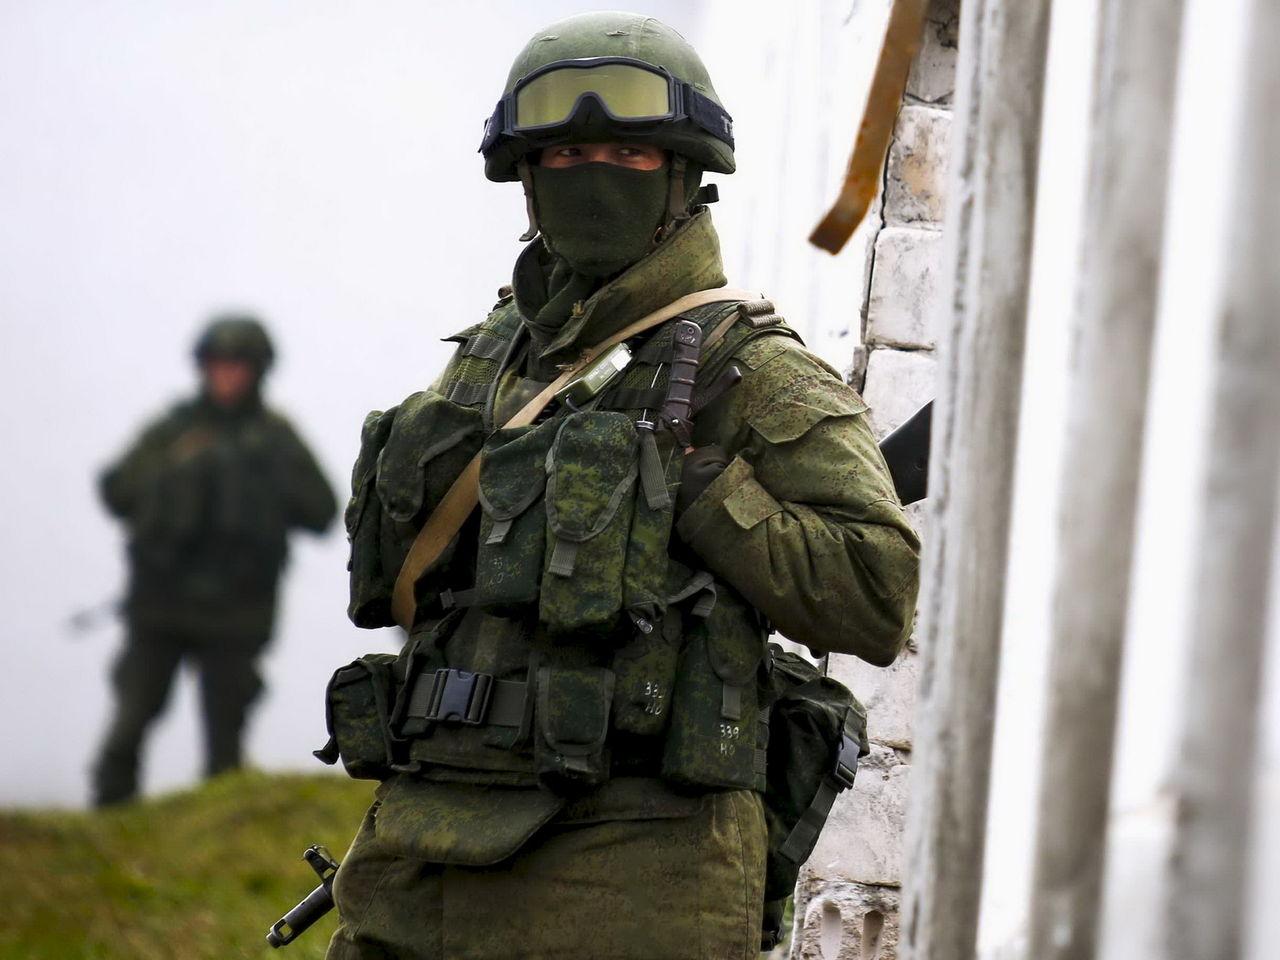 готовой русский солдат картинки на аву людей потухшими глазами